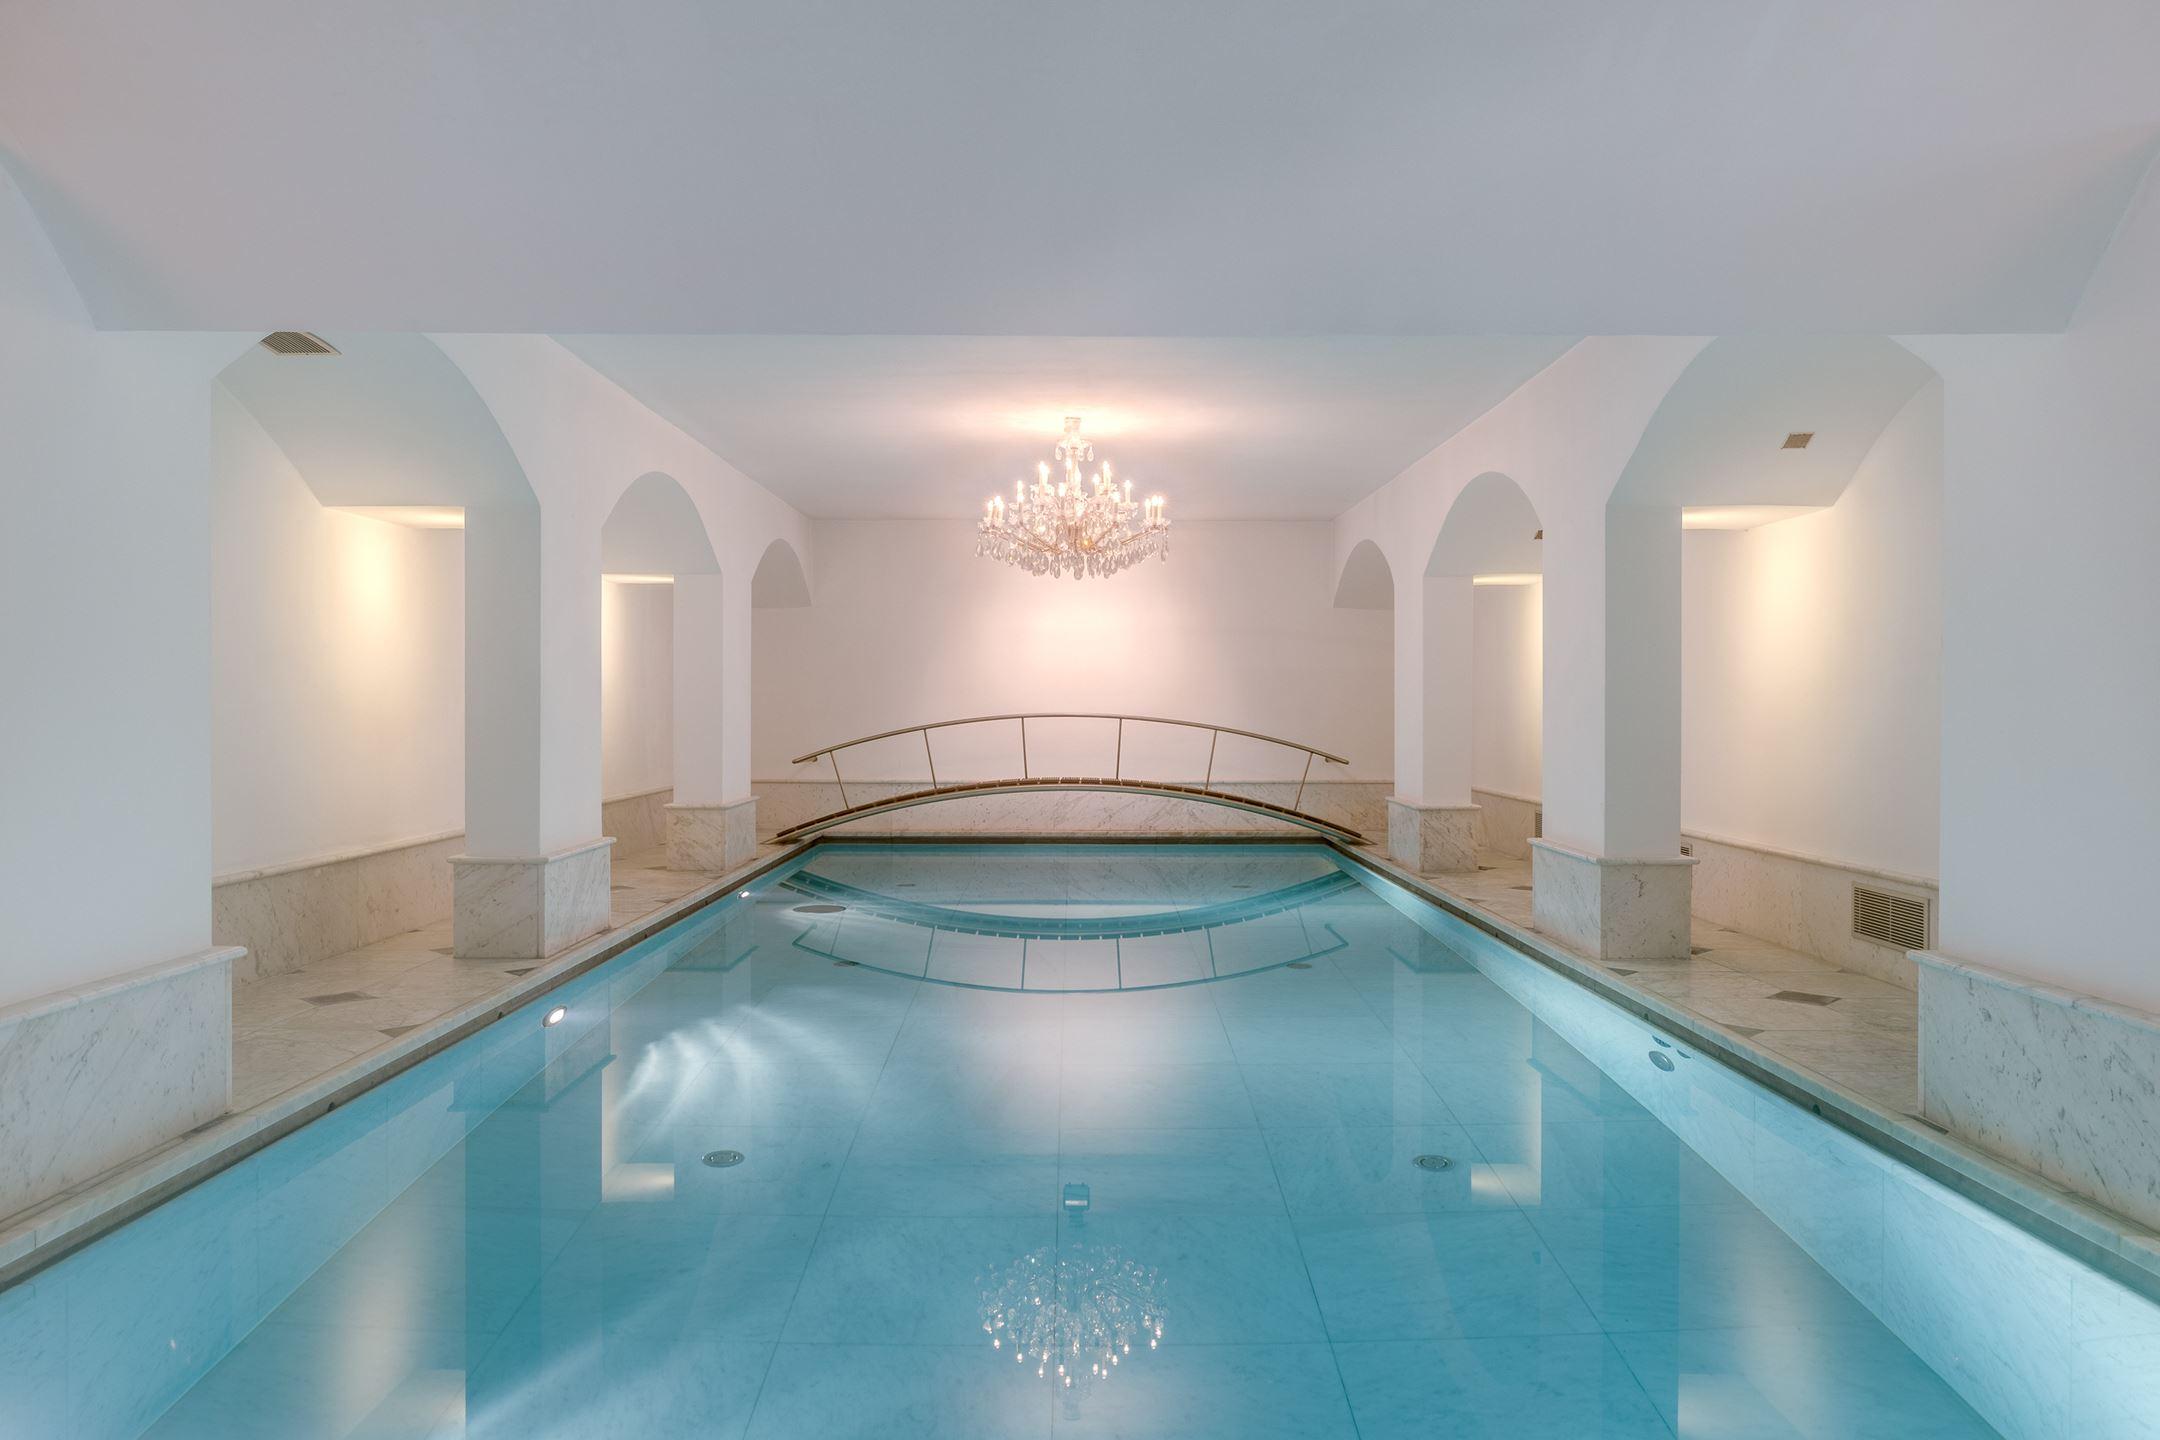 zwembad in kelder